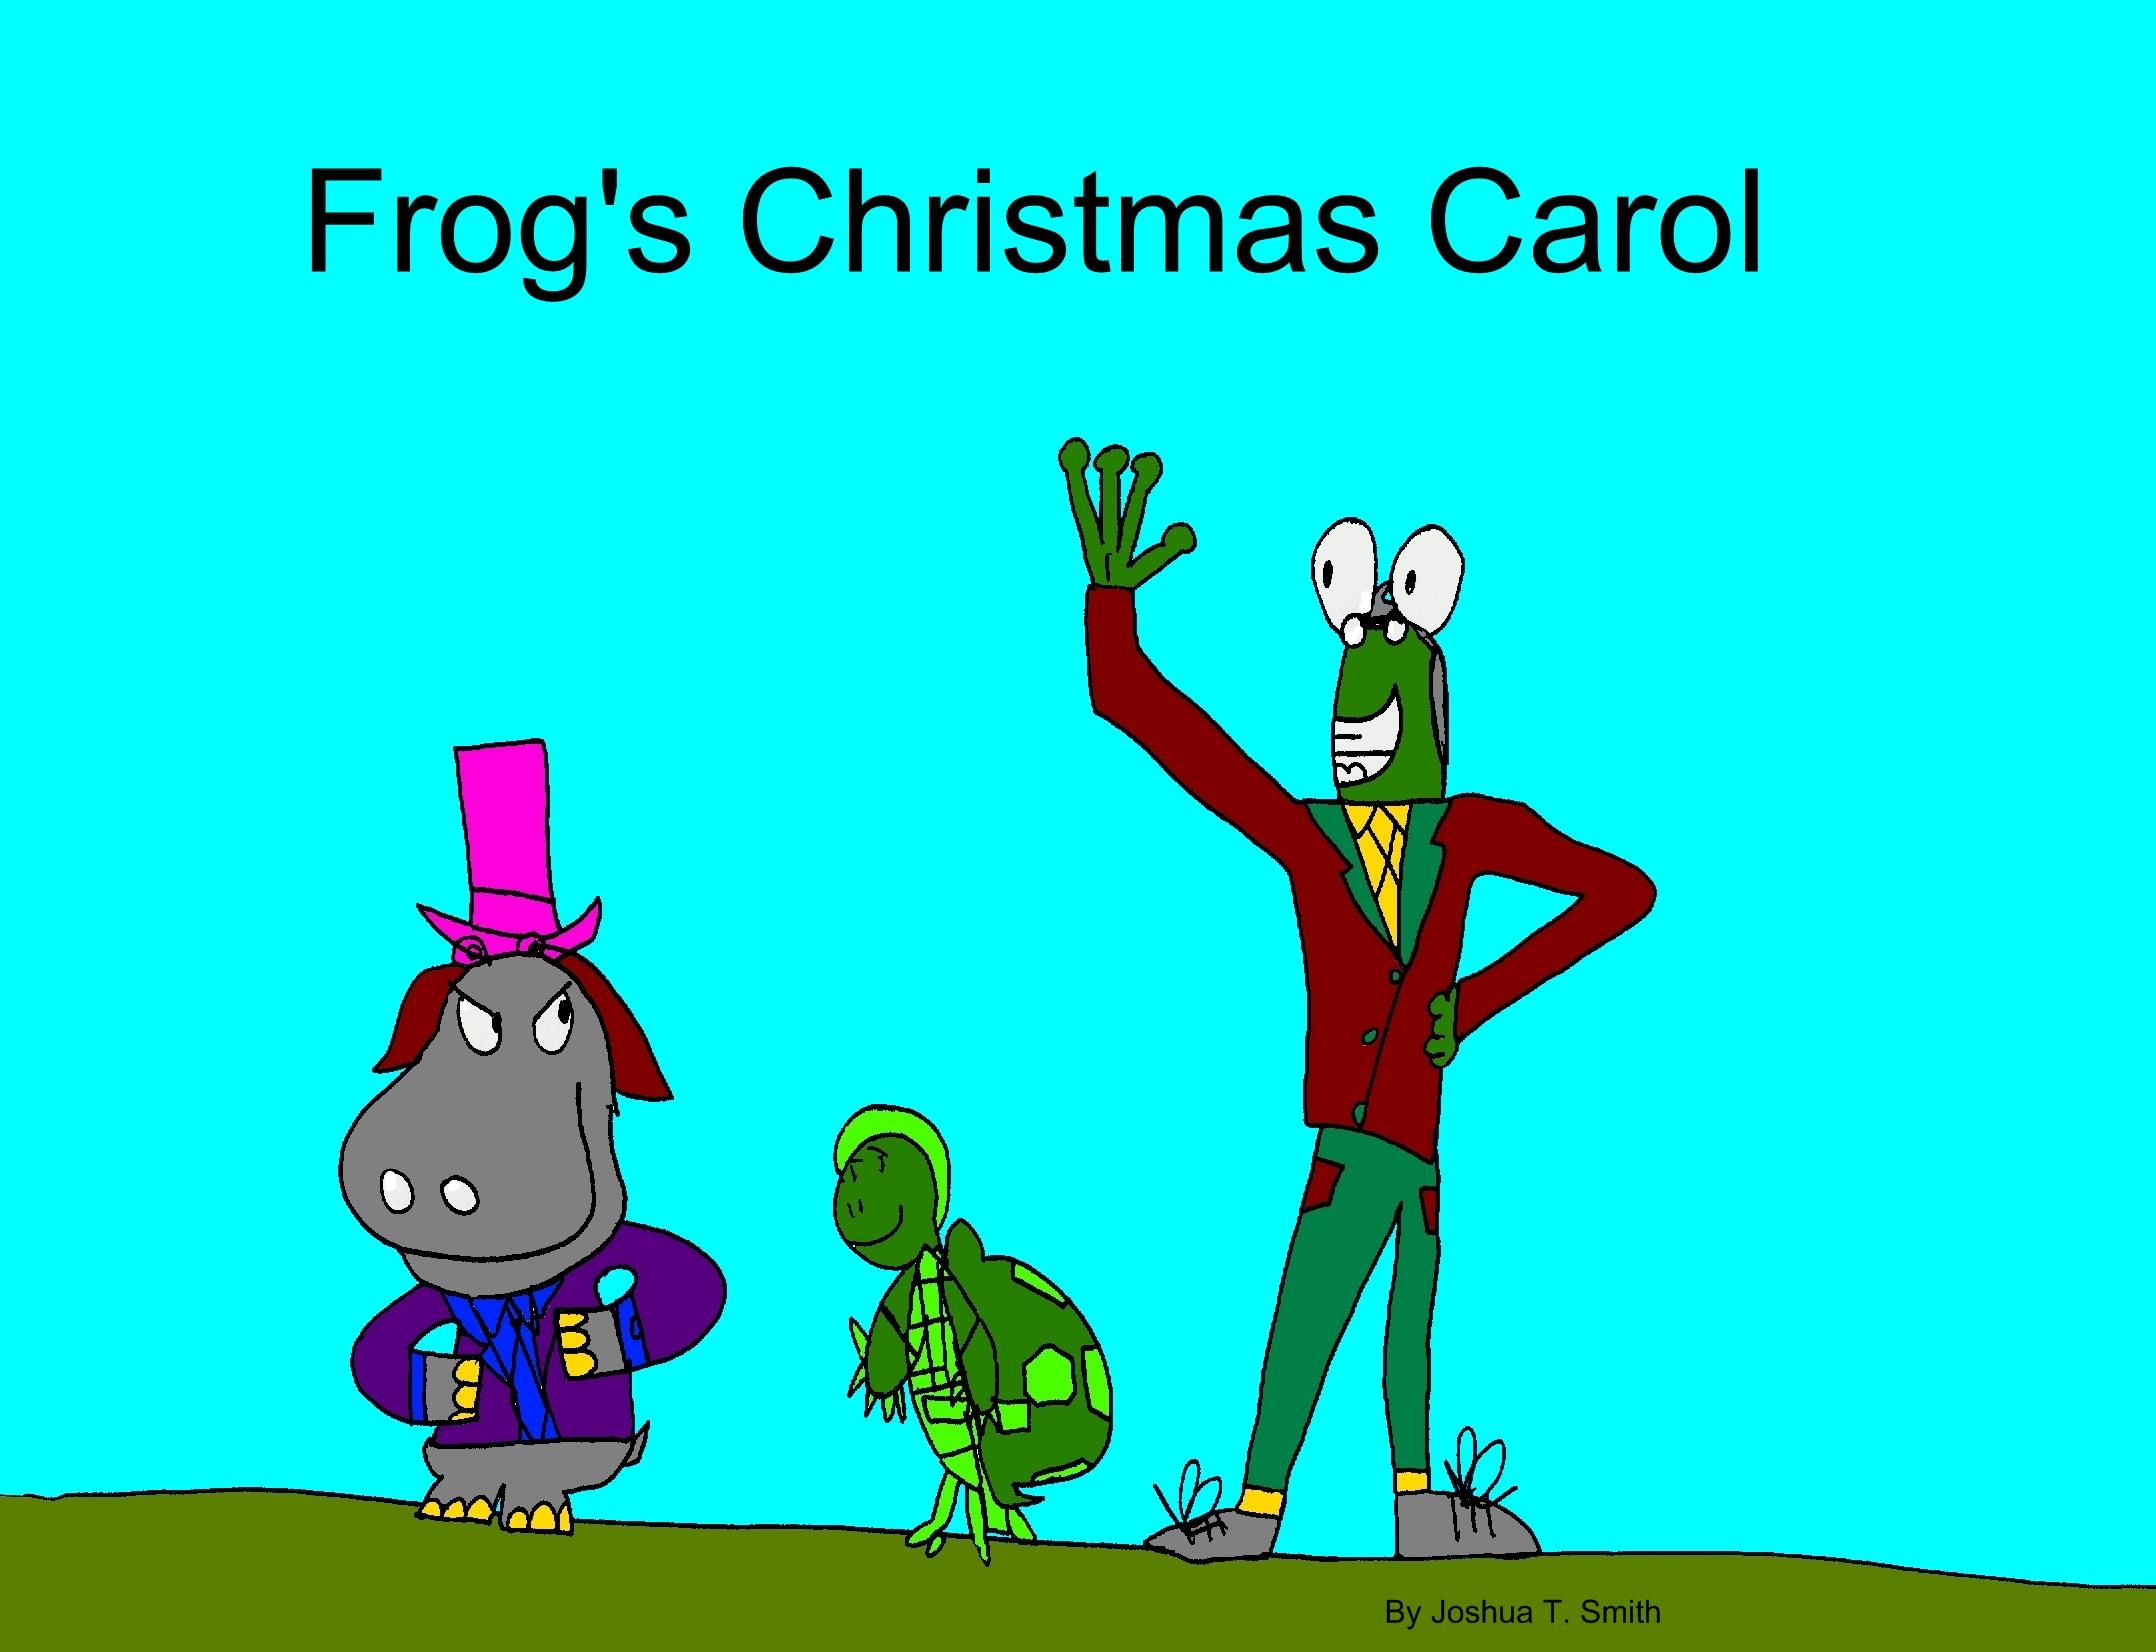 Frog's Christmas Carol